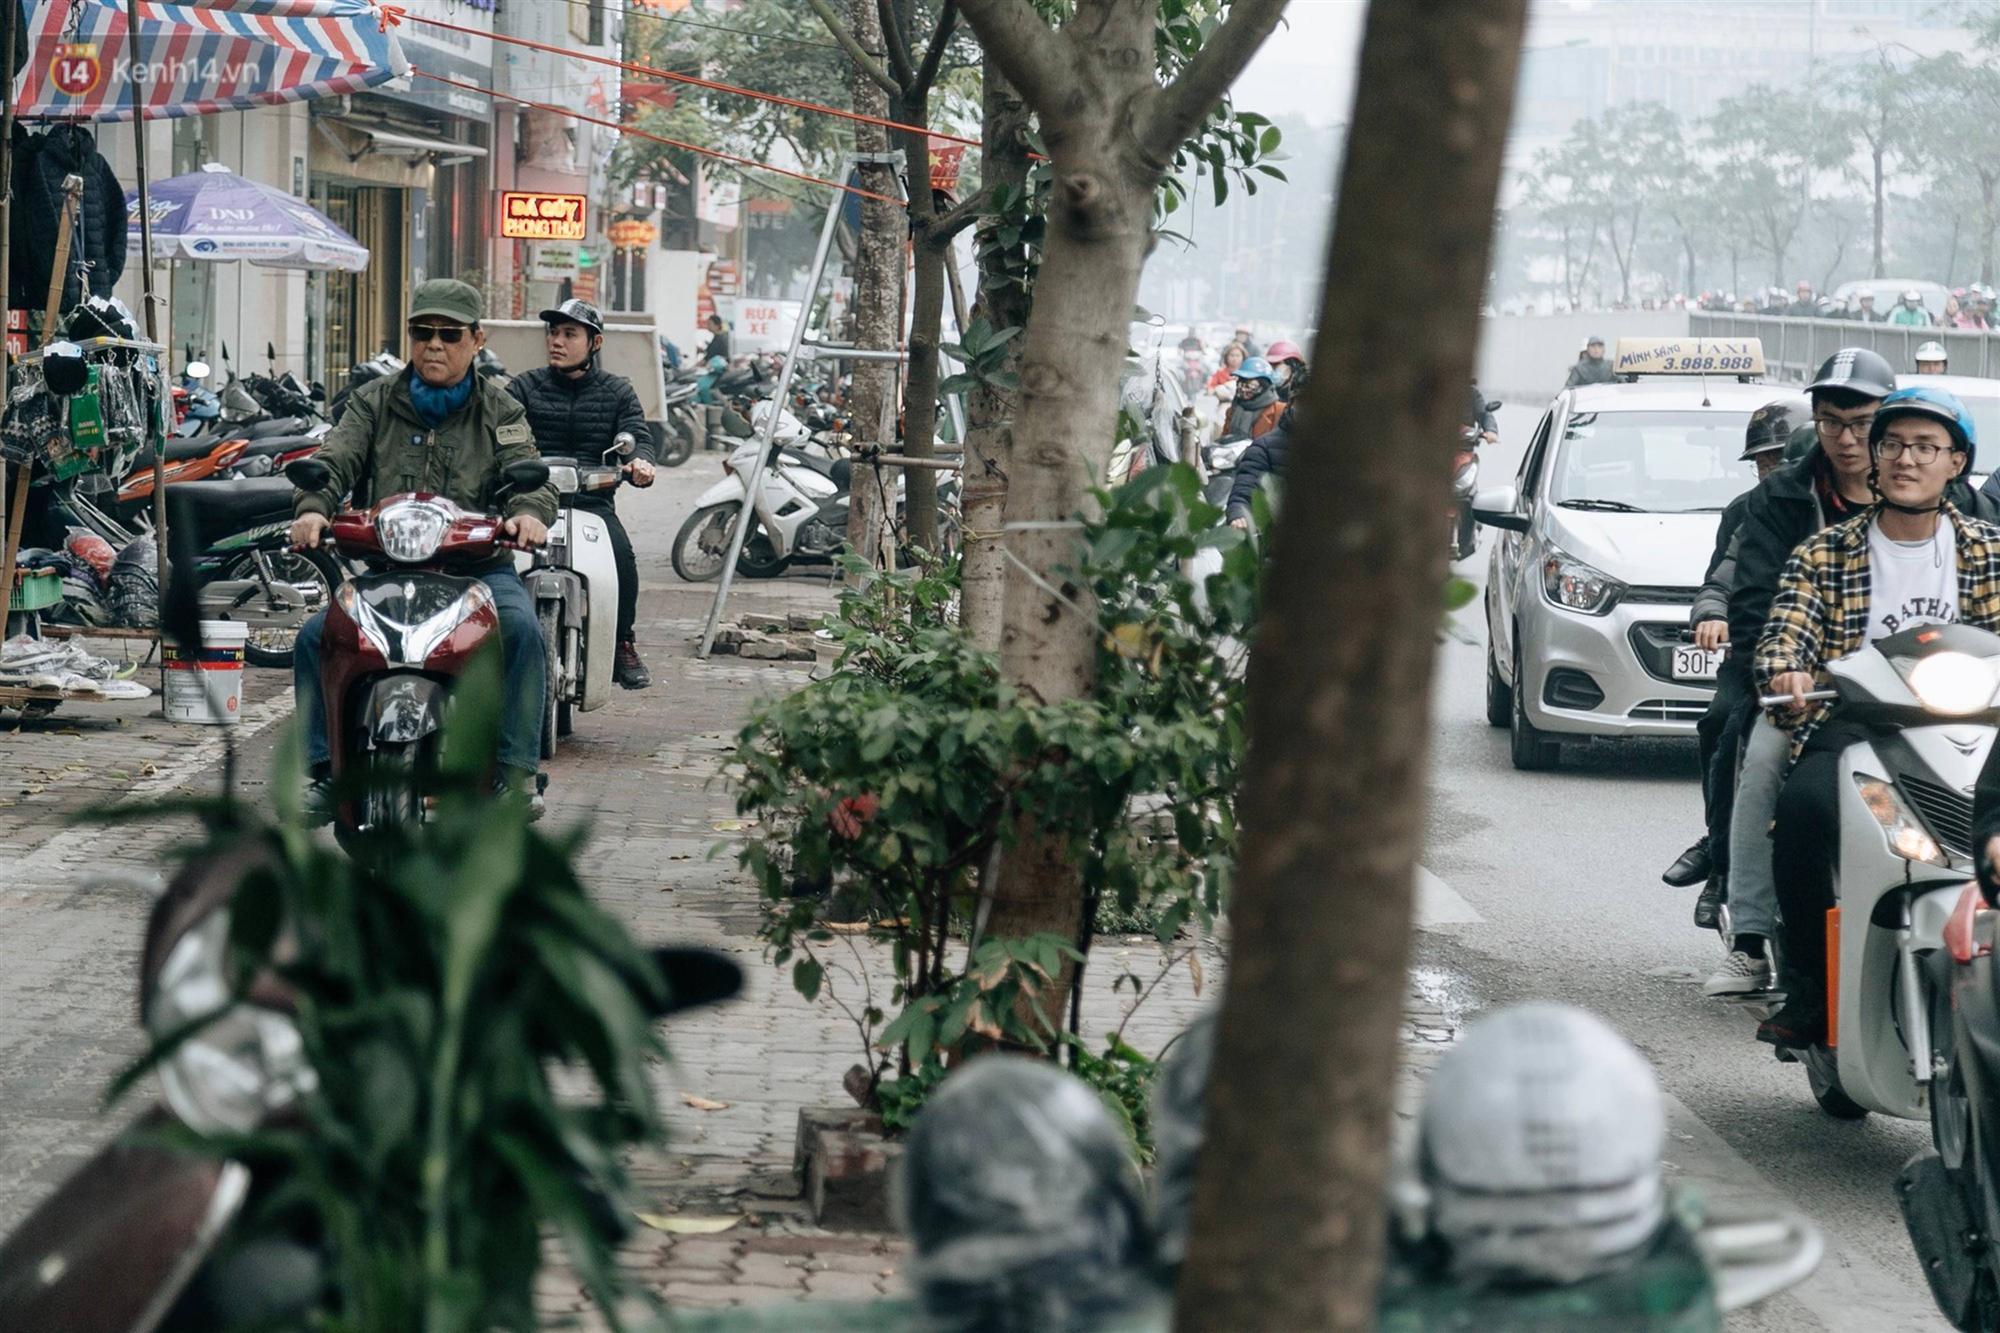 Chùm ảnh: Từ 3h chiều, đường phố Hà Nội ùn tắc không lối thoát ngày giáp Tết-15